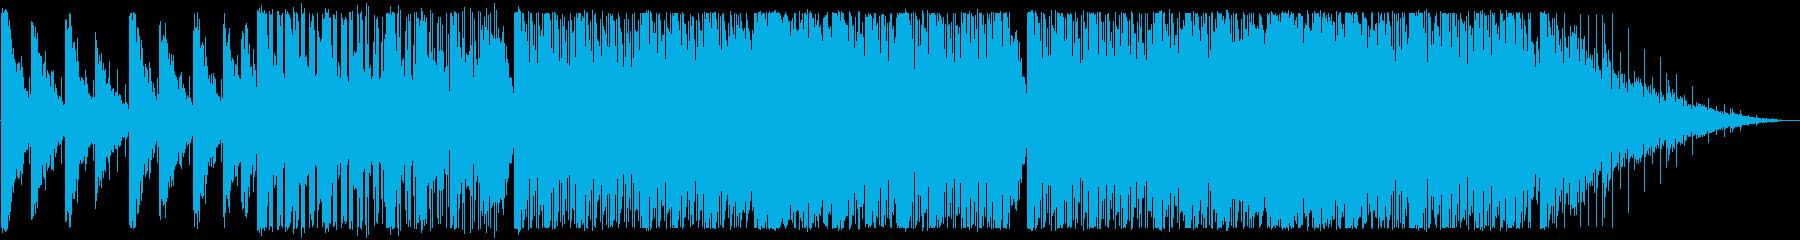 涼しい/ディープハウス_No408_3の再生済みの波形